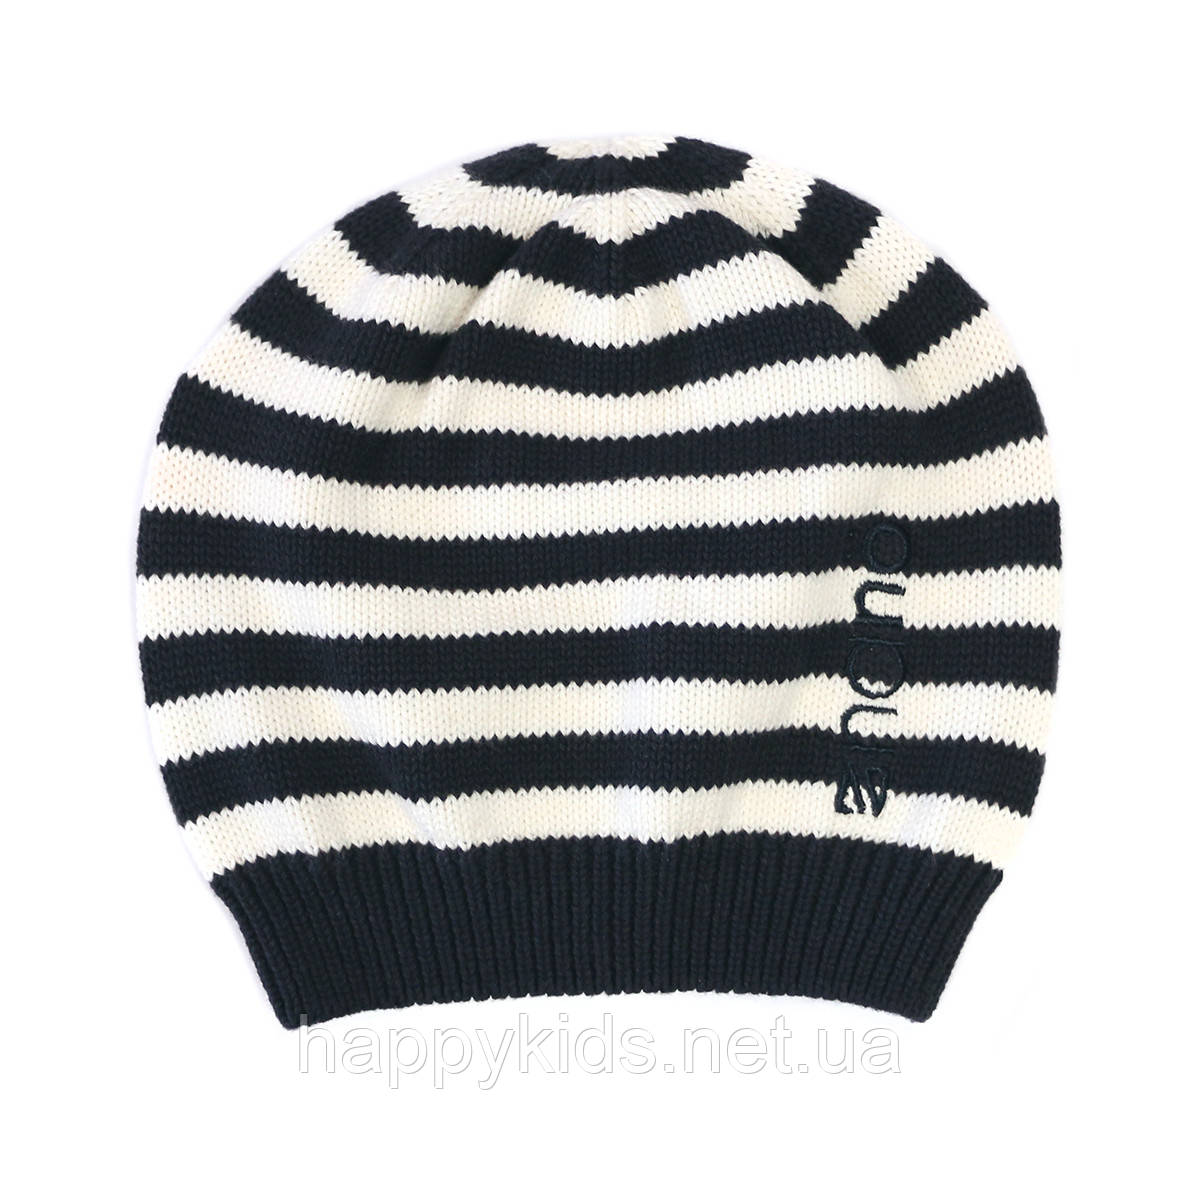 Демисезонная шапка для девочки NANO 254 TUT S17 Dark Navy. Размер м - 7/12.